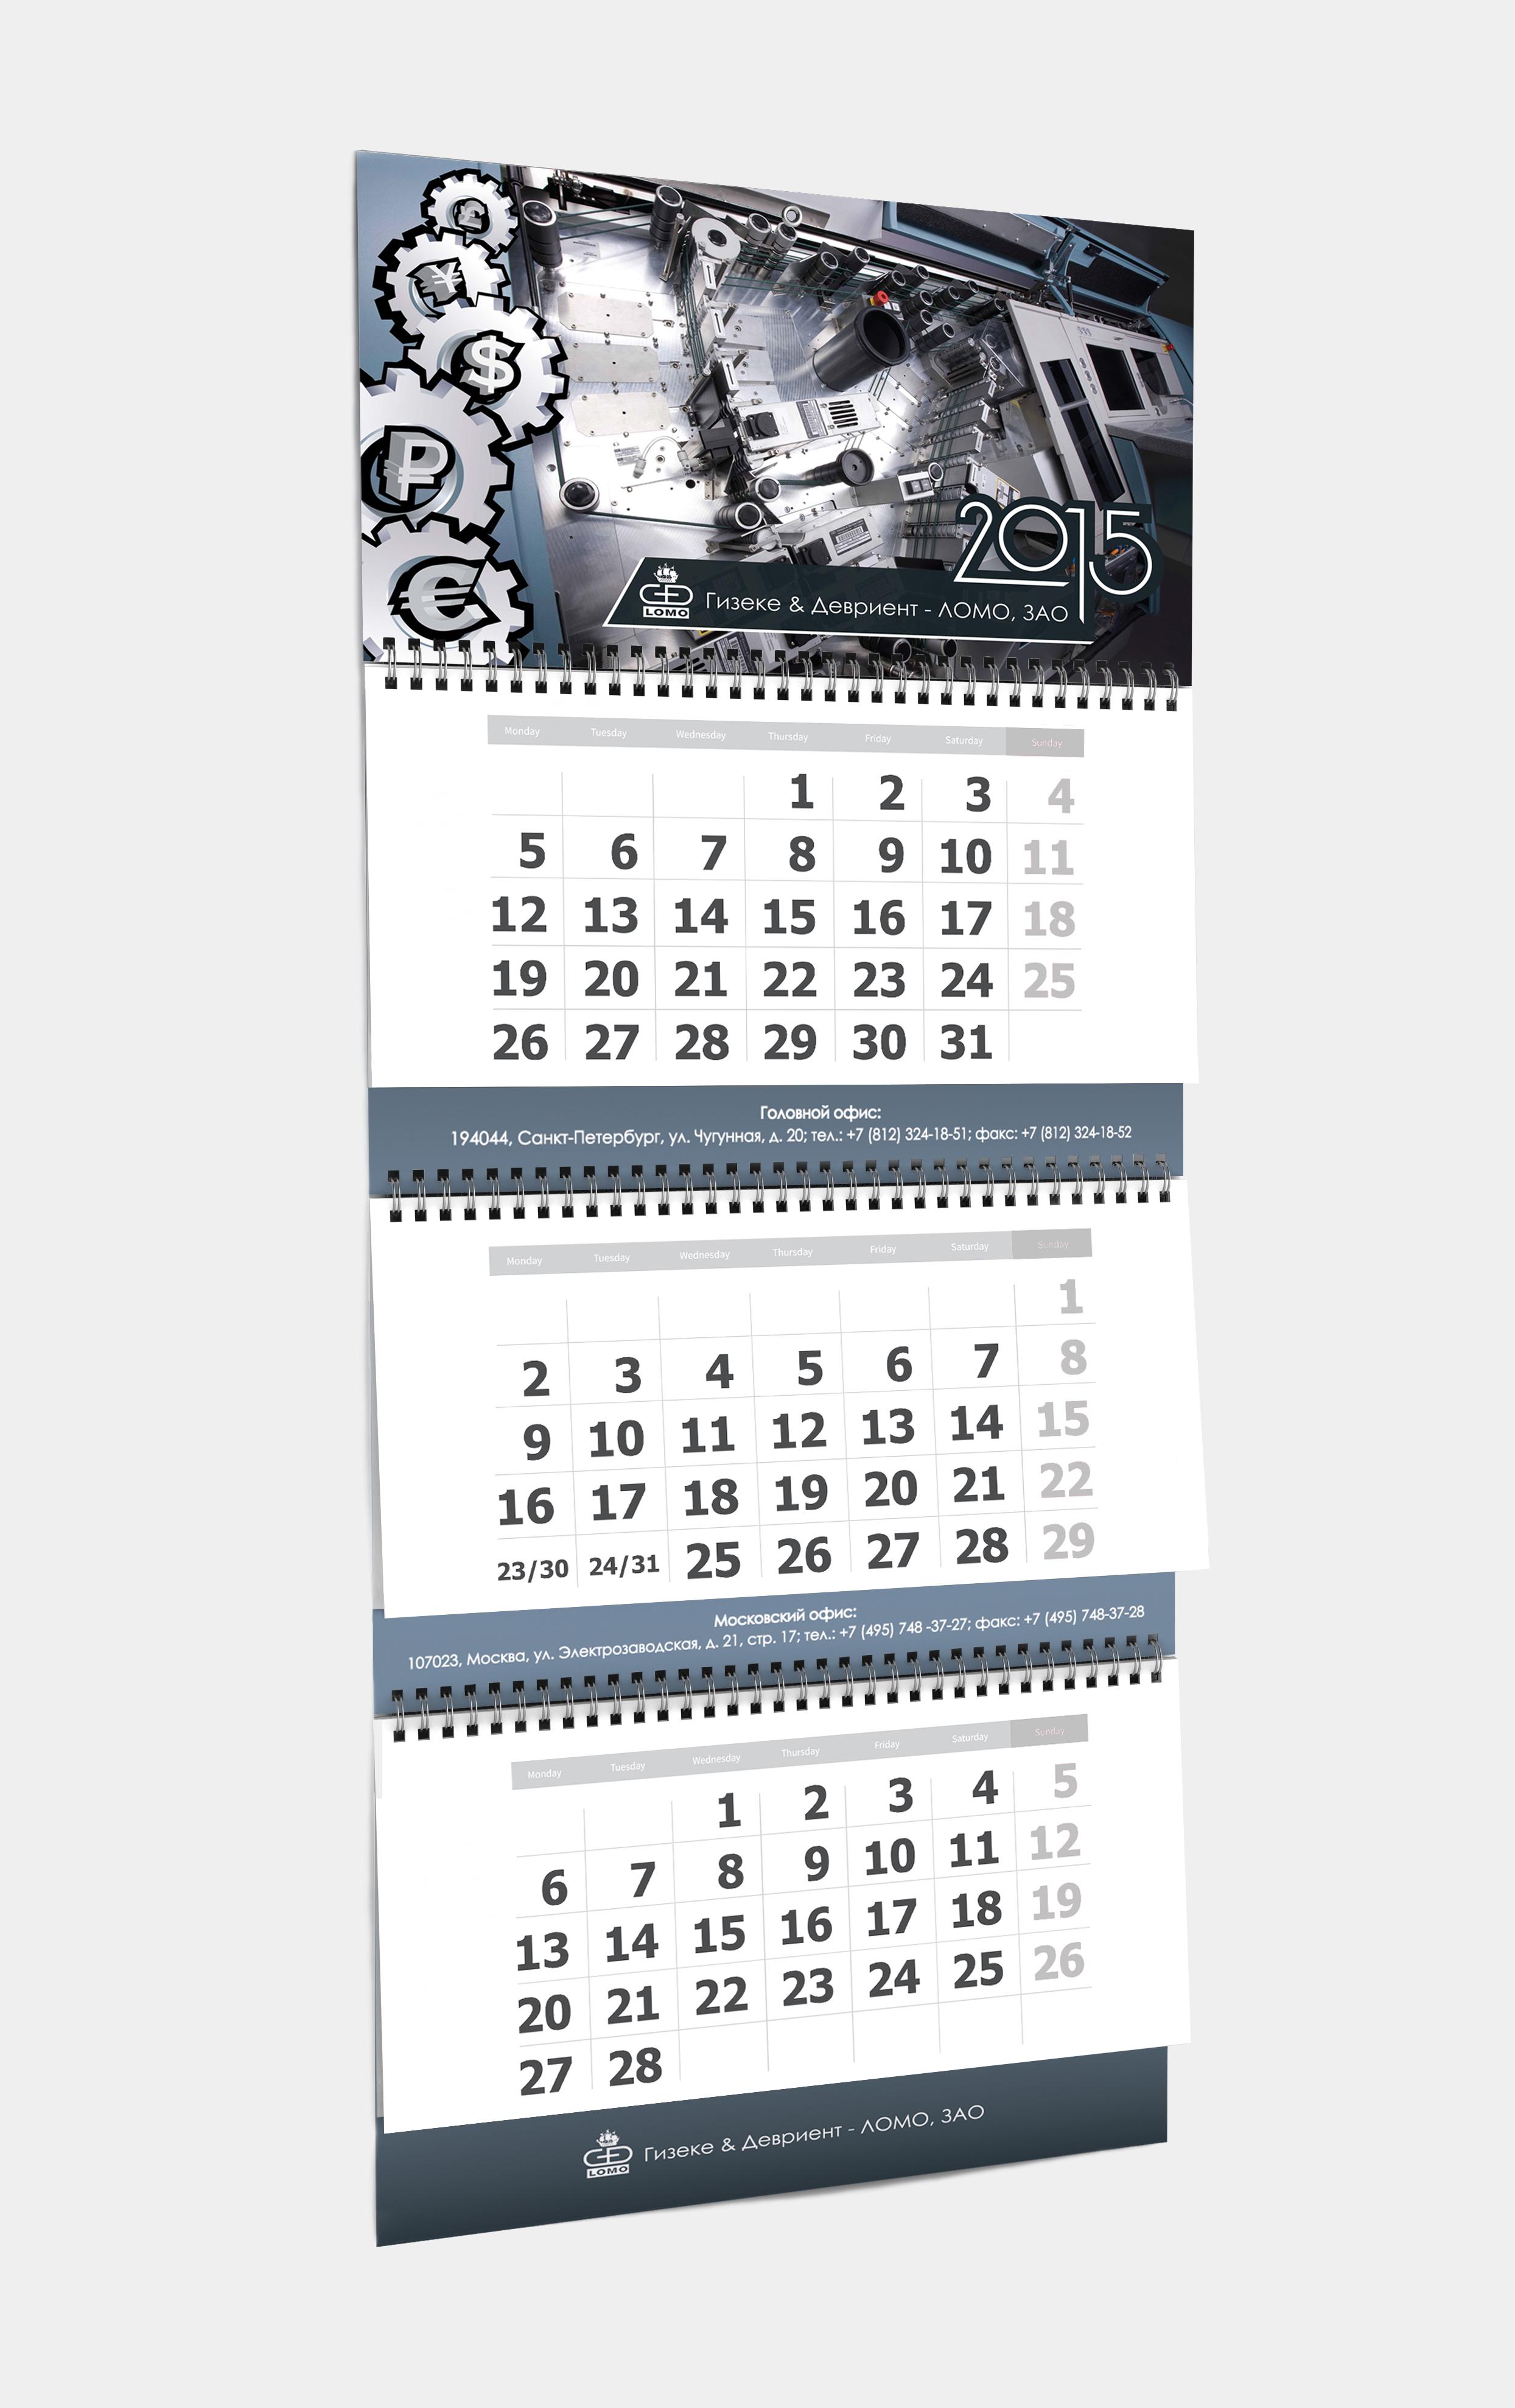 Общий вид календаря